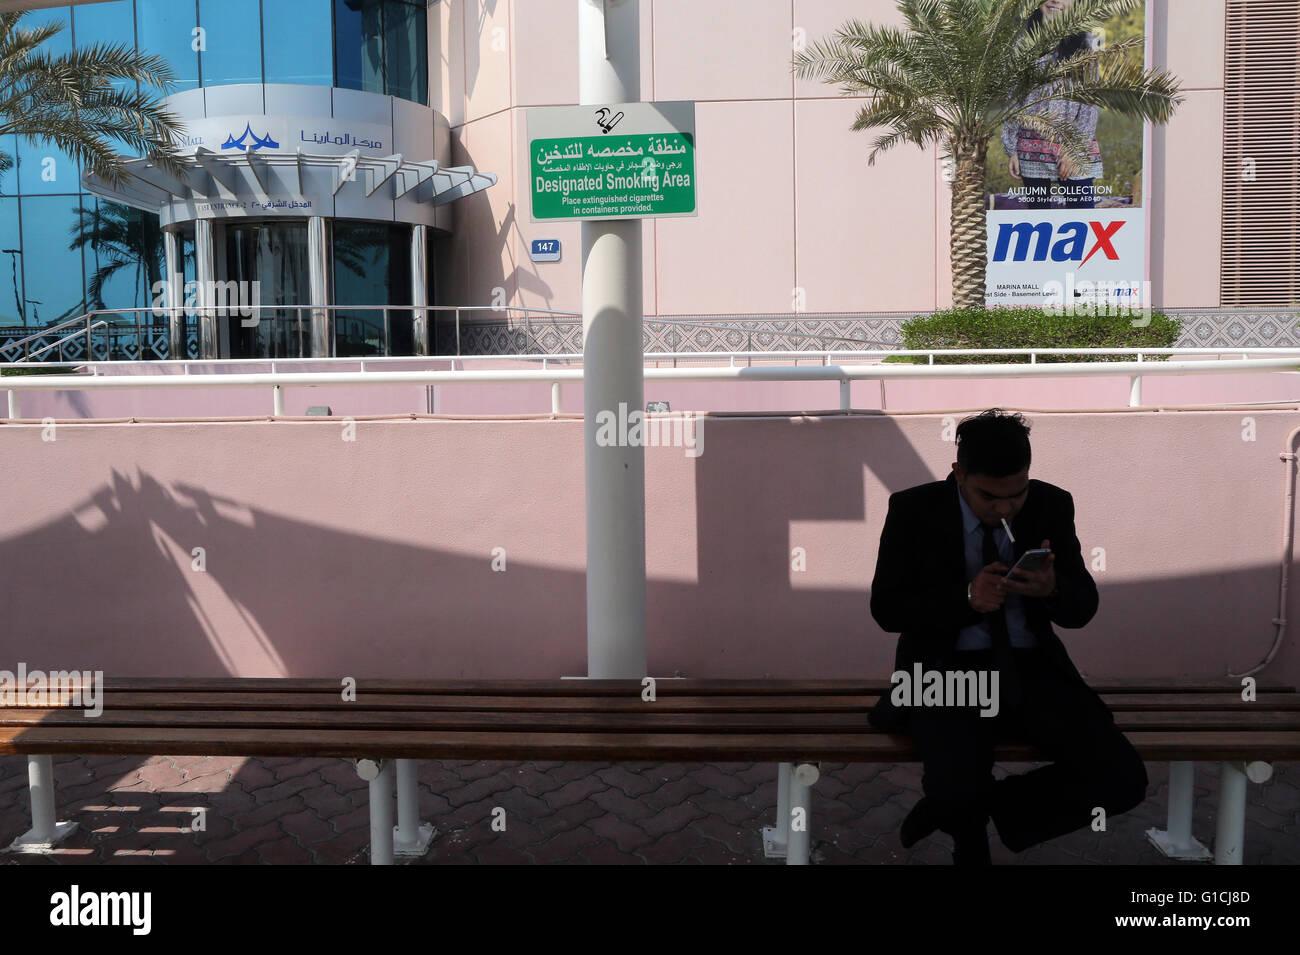 Designated smoking area.  United Arab Emirates. - Stock Image